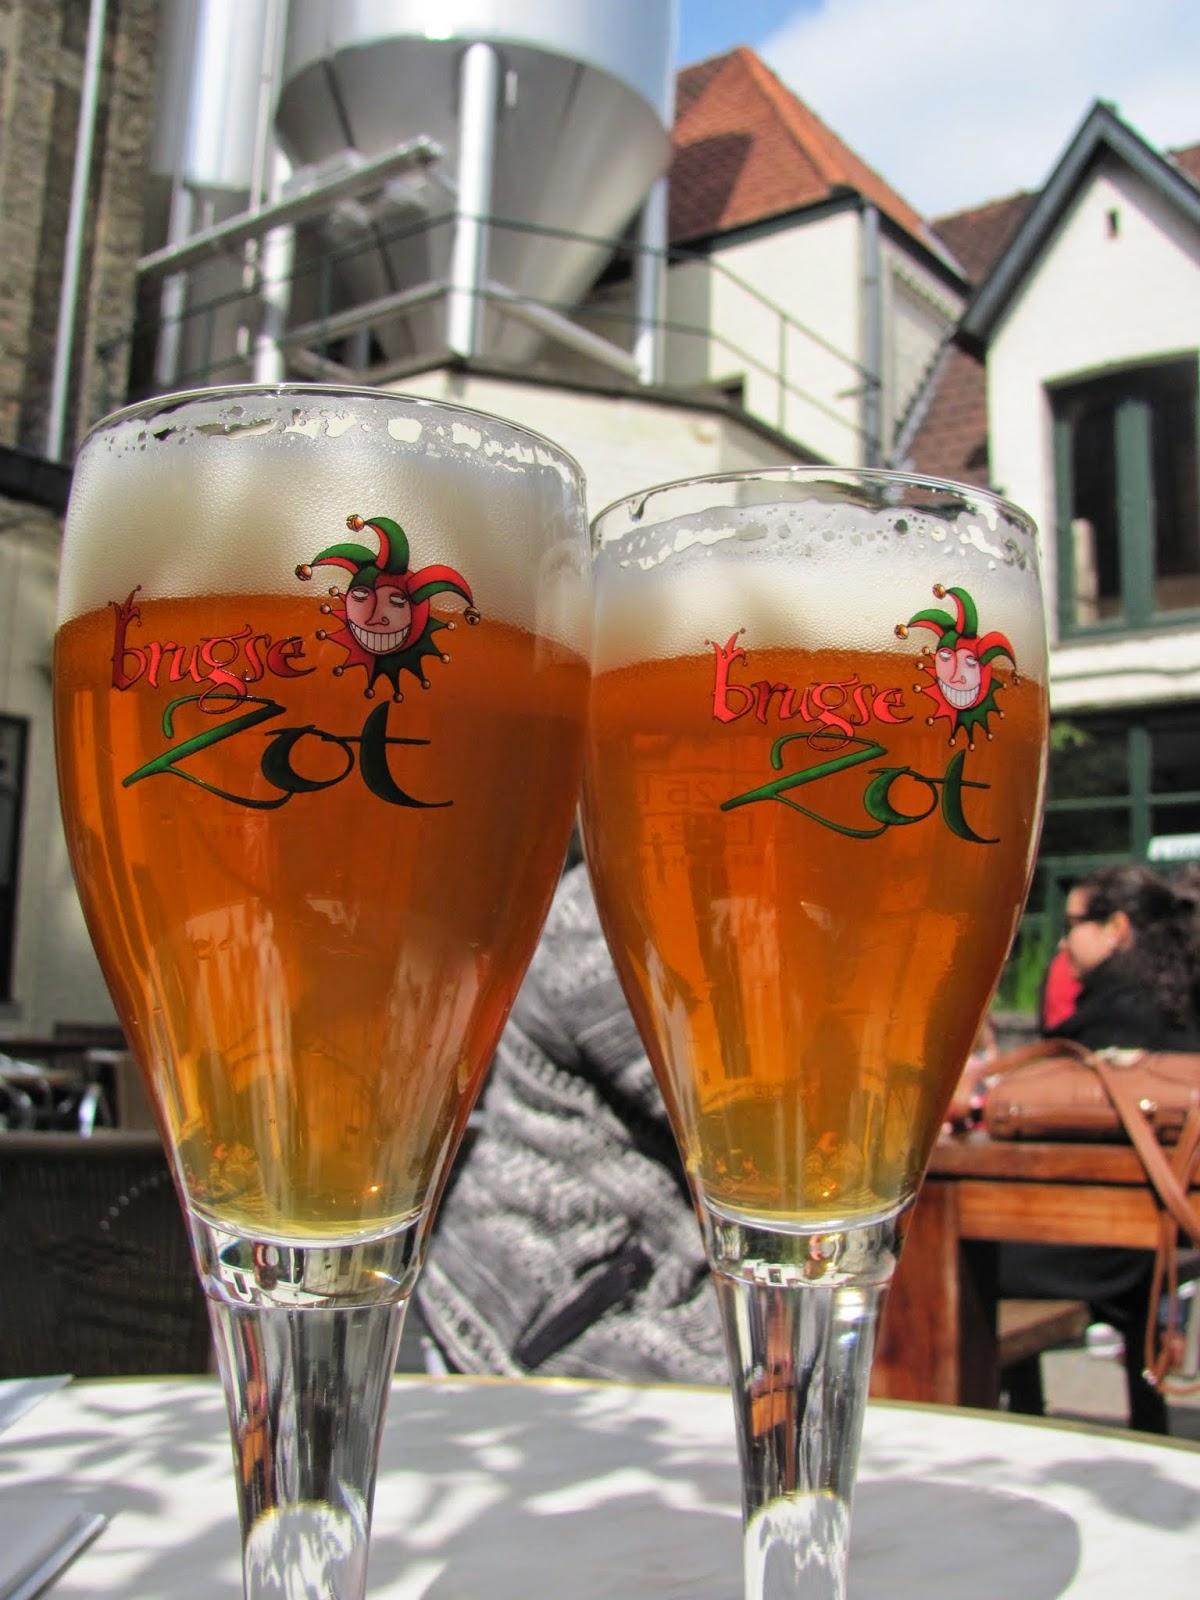 Brugse Zot at Halve Maan Brewery Bruges, Belgium